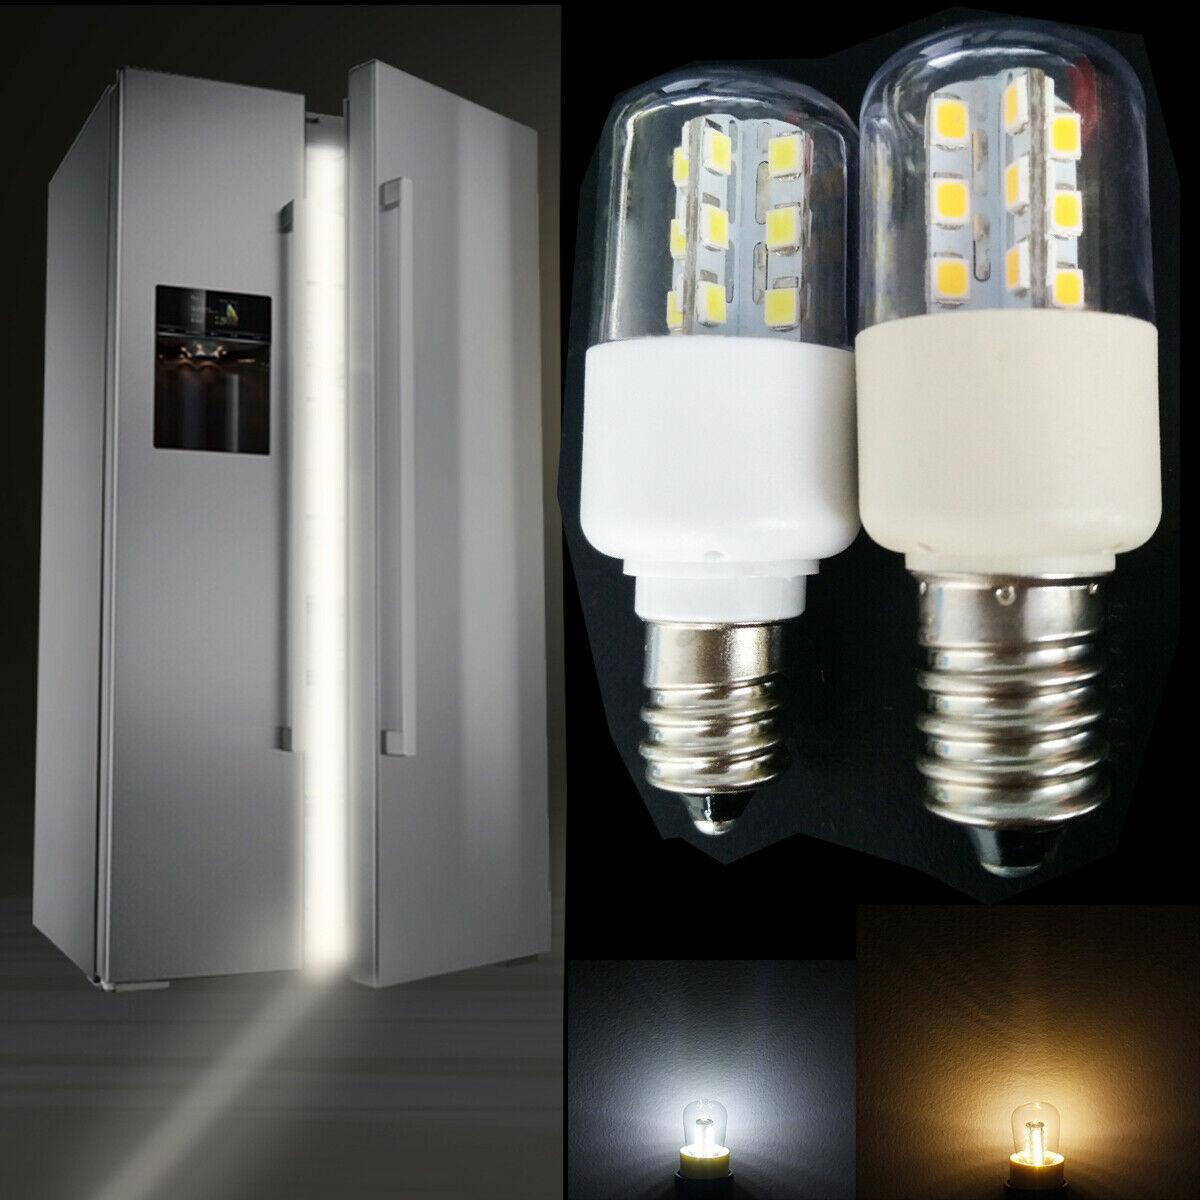 Lâmpada de cristal led para forno de micro-ondas, 3w, e14, e12, smd 5050, fria, quente, branco, ac 110v, 220v